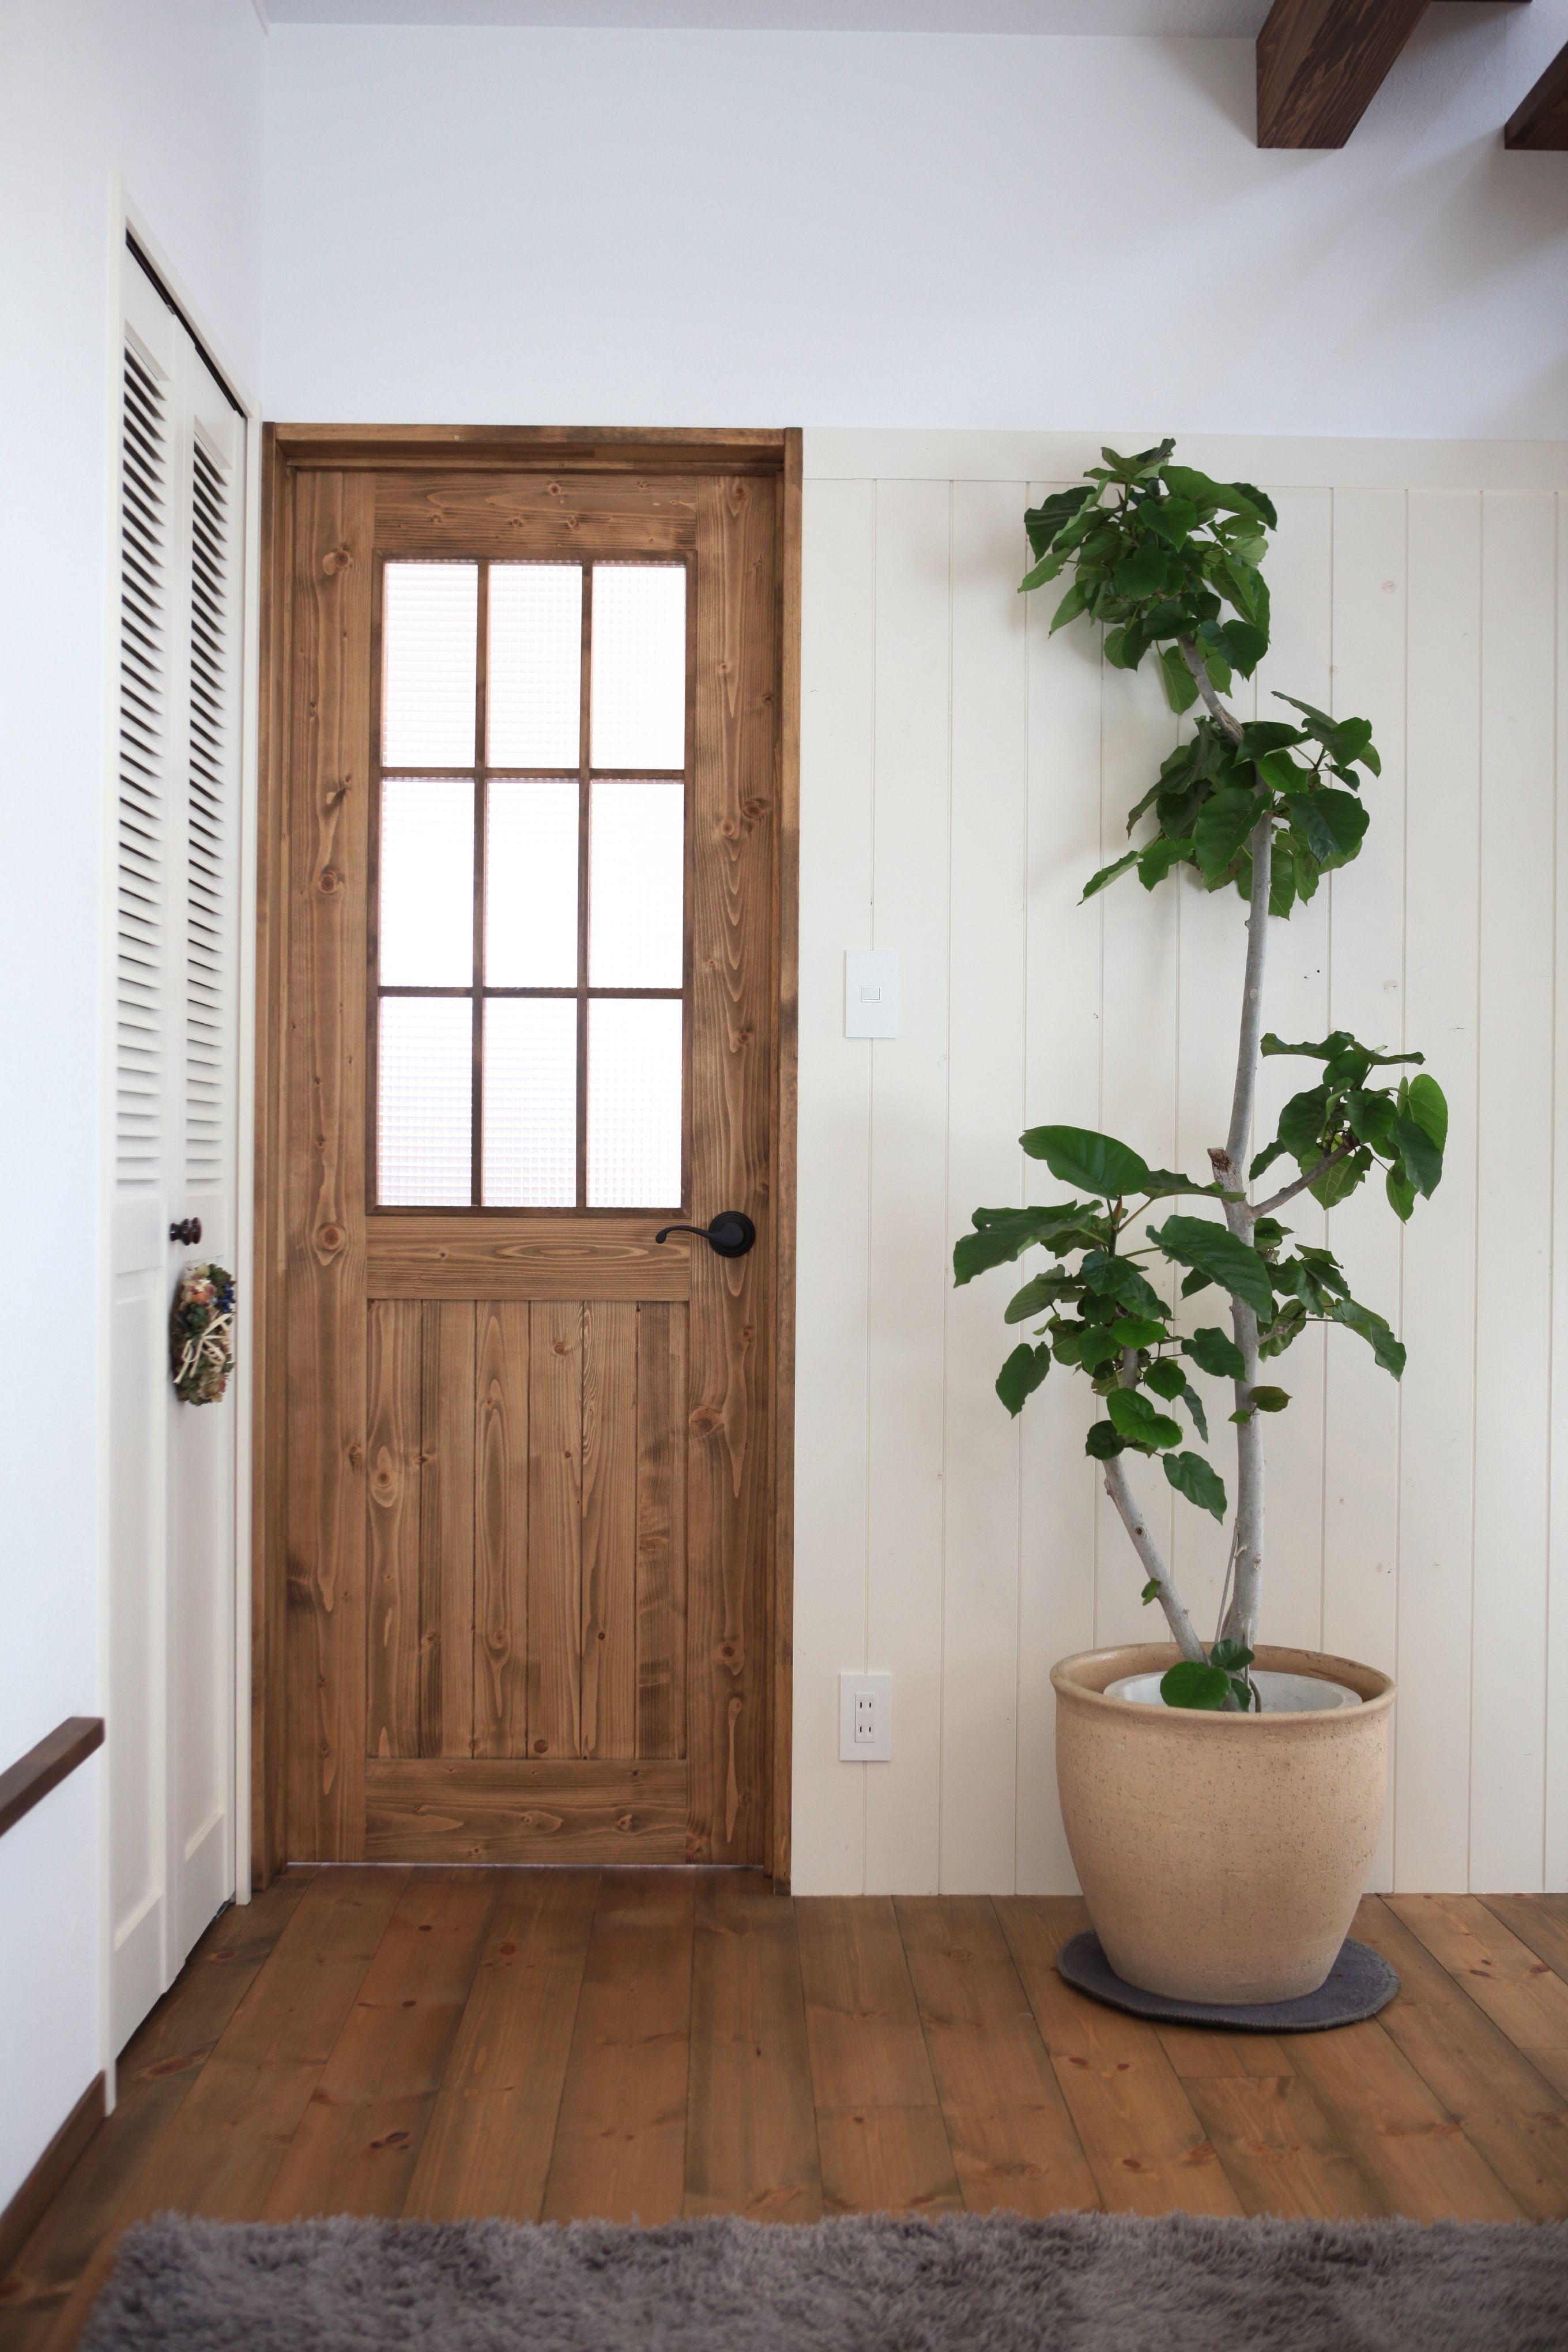 マホガニー製 ドア 防犯対策ドア,セキュリティードア,ドア,玄関ドア,室内ドア,木製窓,アイエムドアコレクション 扉